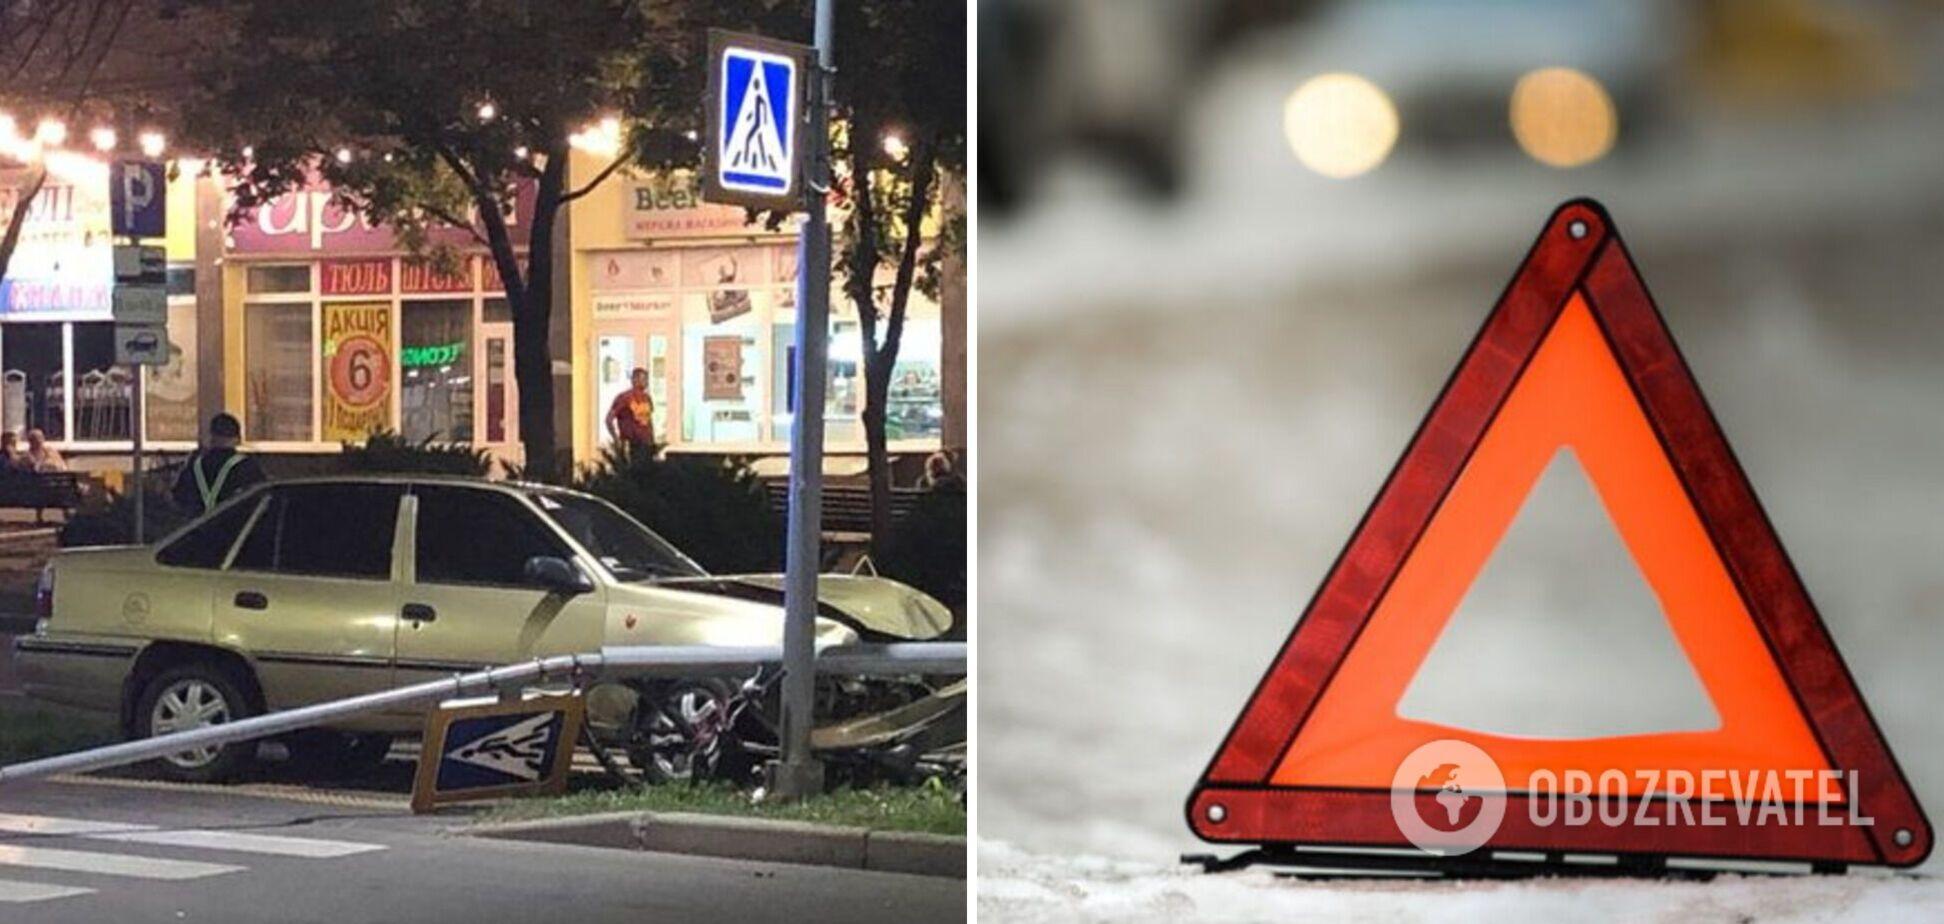 В Чернигове полицейского сбили на пешеходном переходе: мужчина умер на месте. Фото